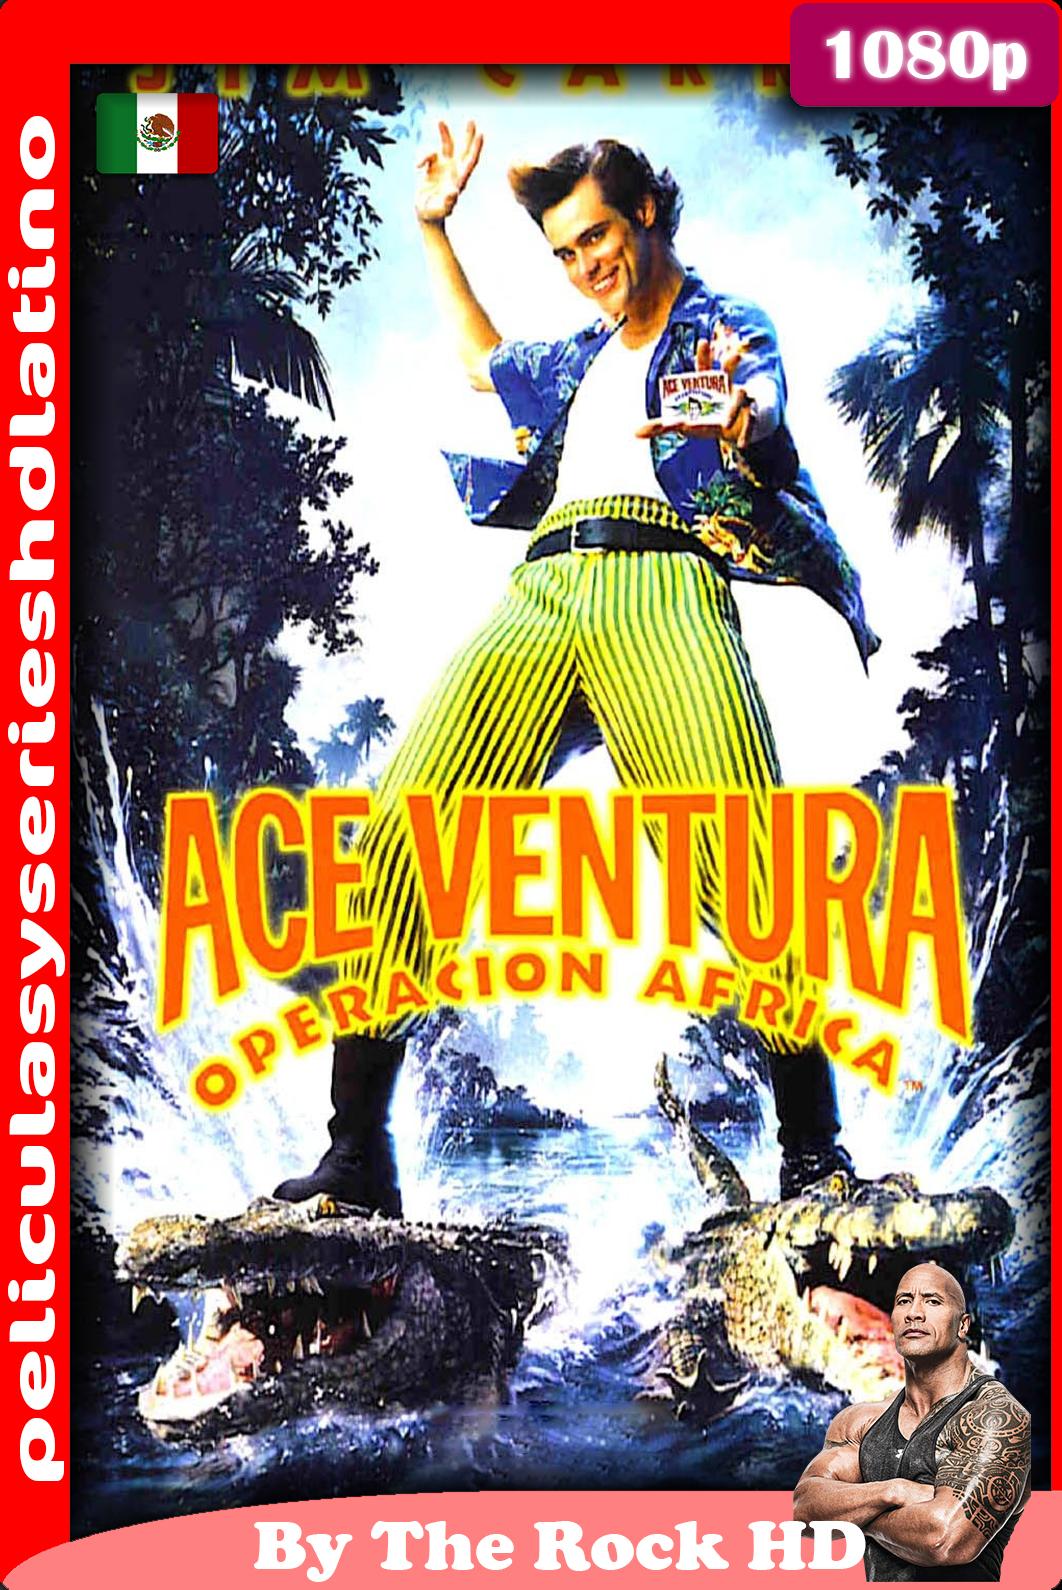 Ace Ventura: When Nature Calls (1995) [1080p] [Latino] [Google Drive]